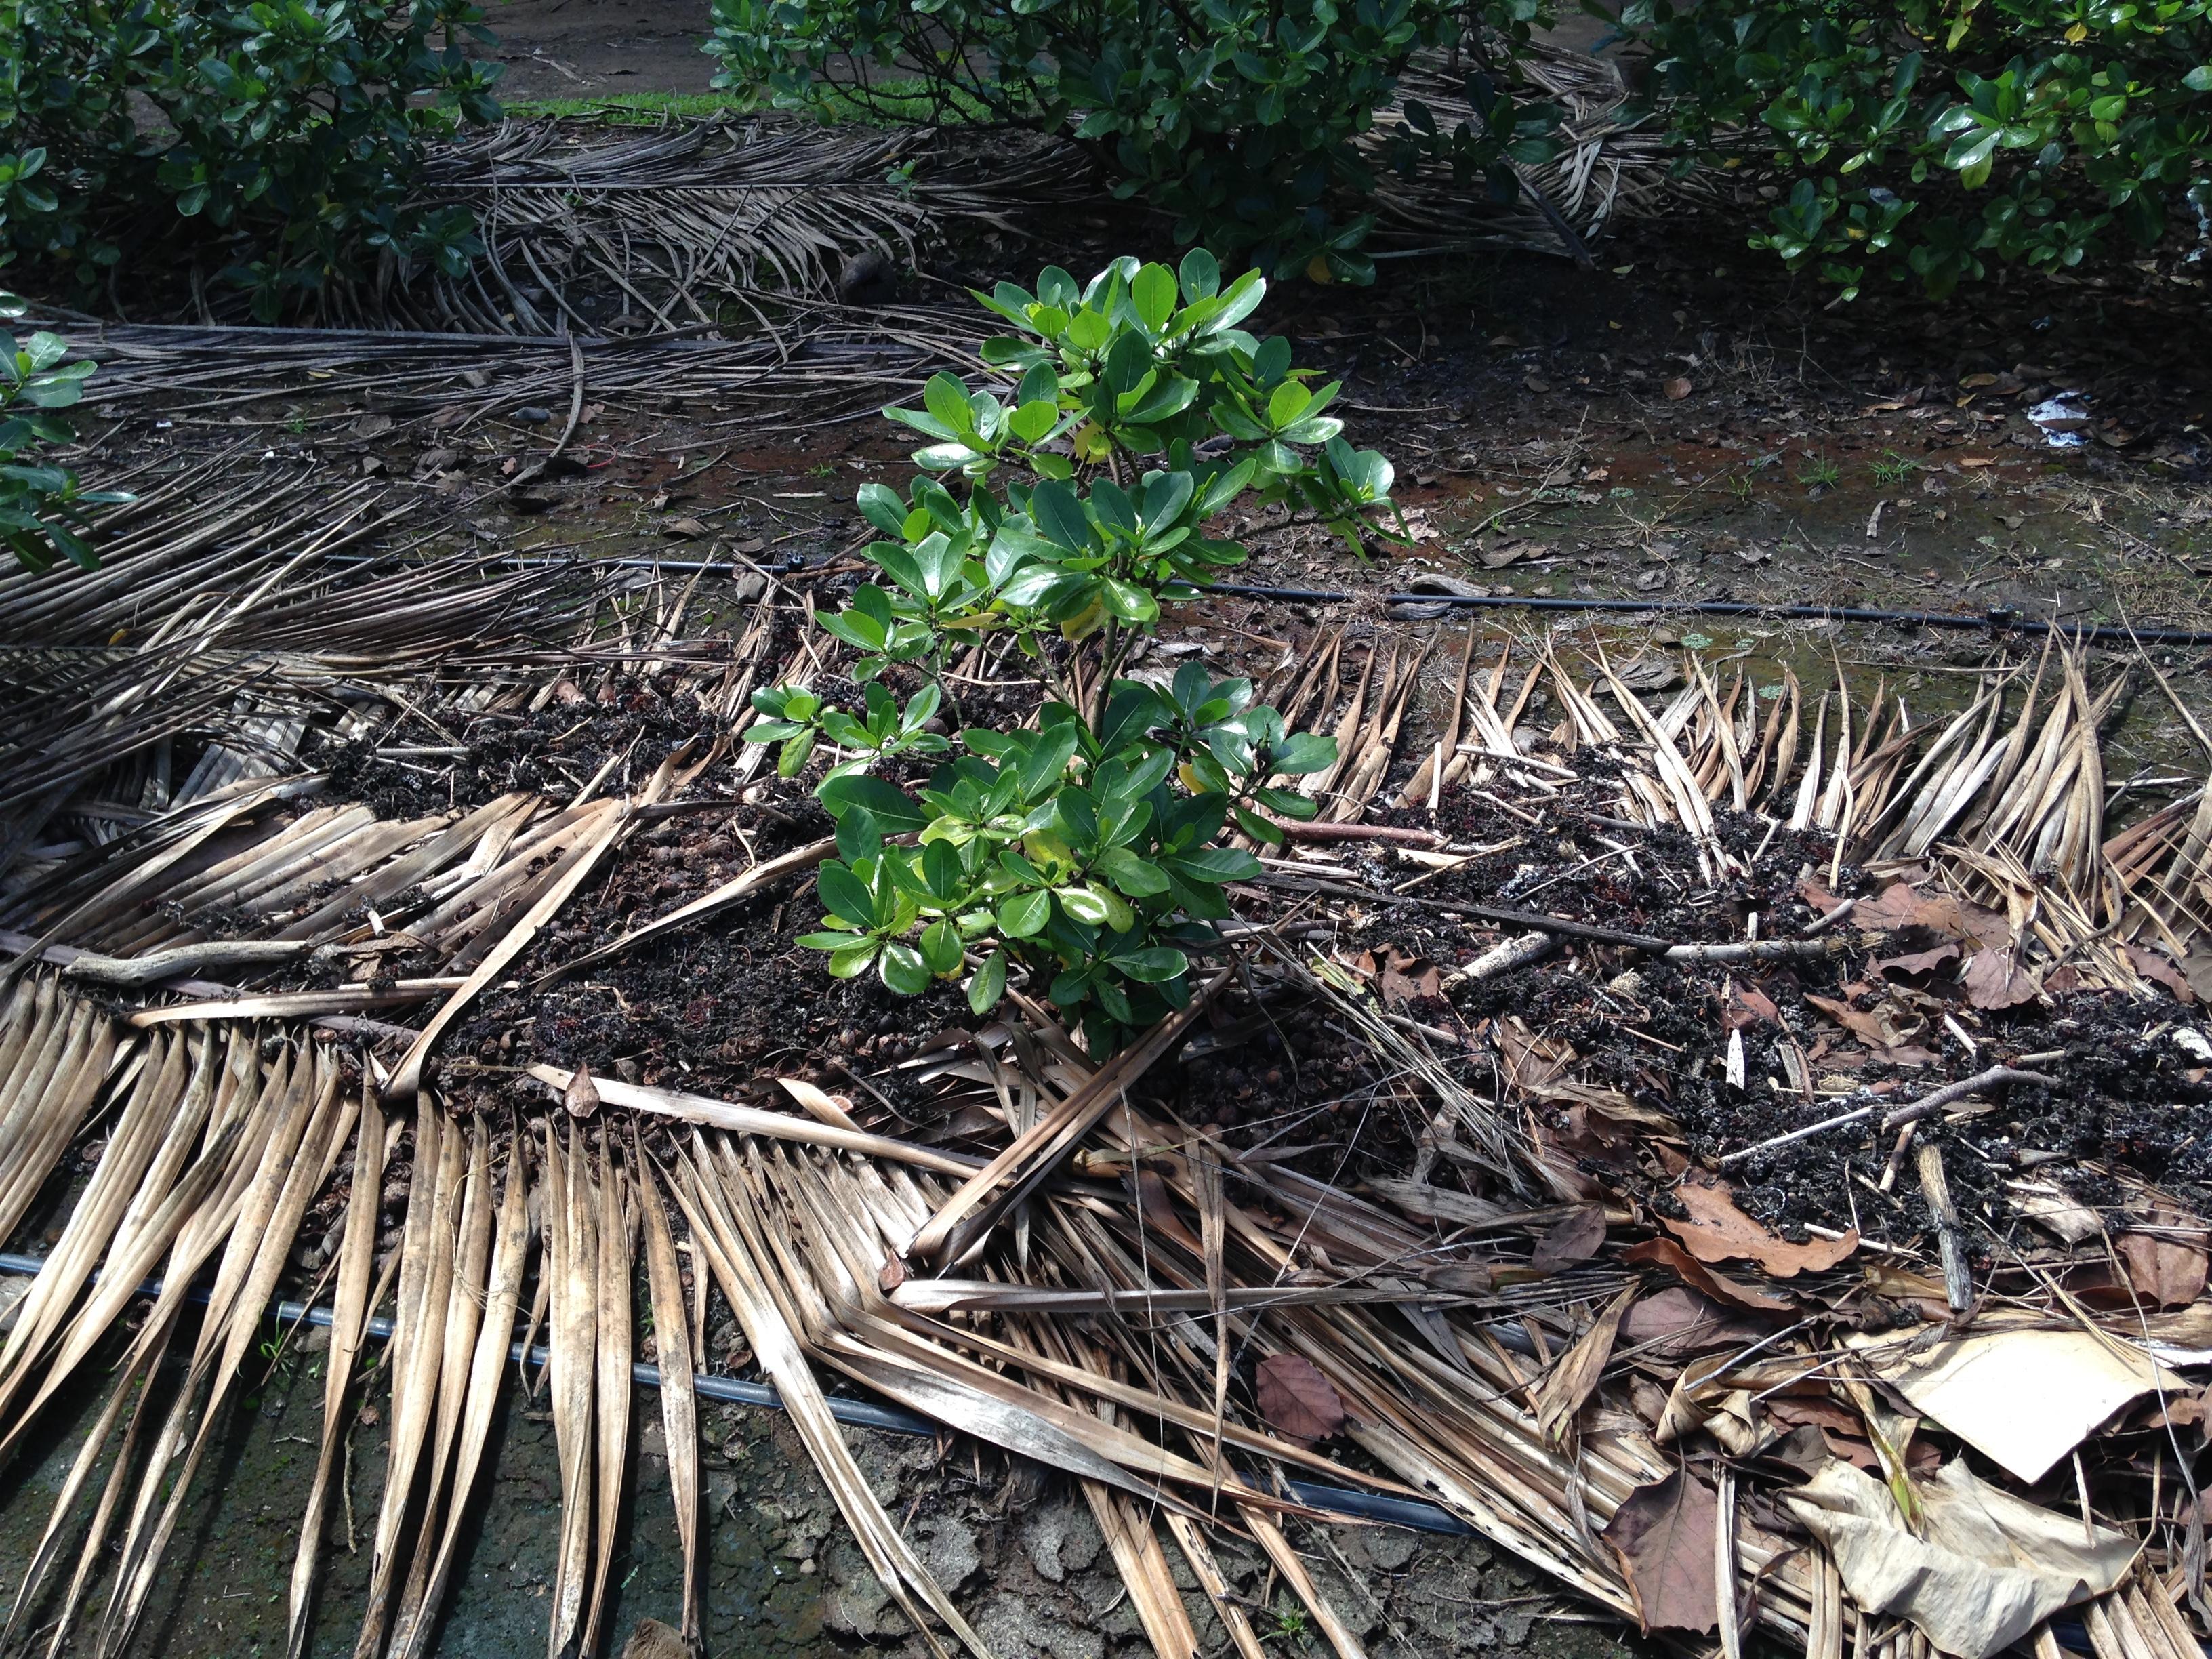 Pour garder la terre humide, Juliette met autour des algues, elle rajoute ensuite des feuilles mortes avec un peu d'eau. Le tout est ensuite recouvert de feuilles de palmier.